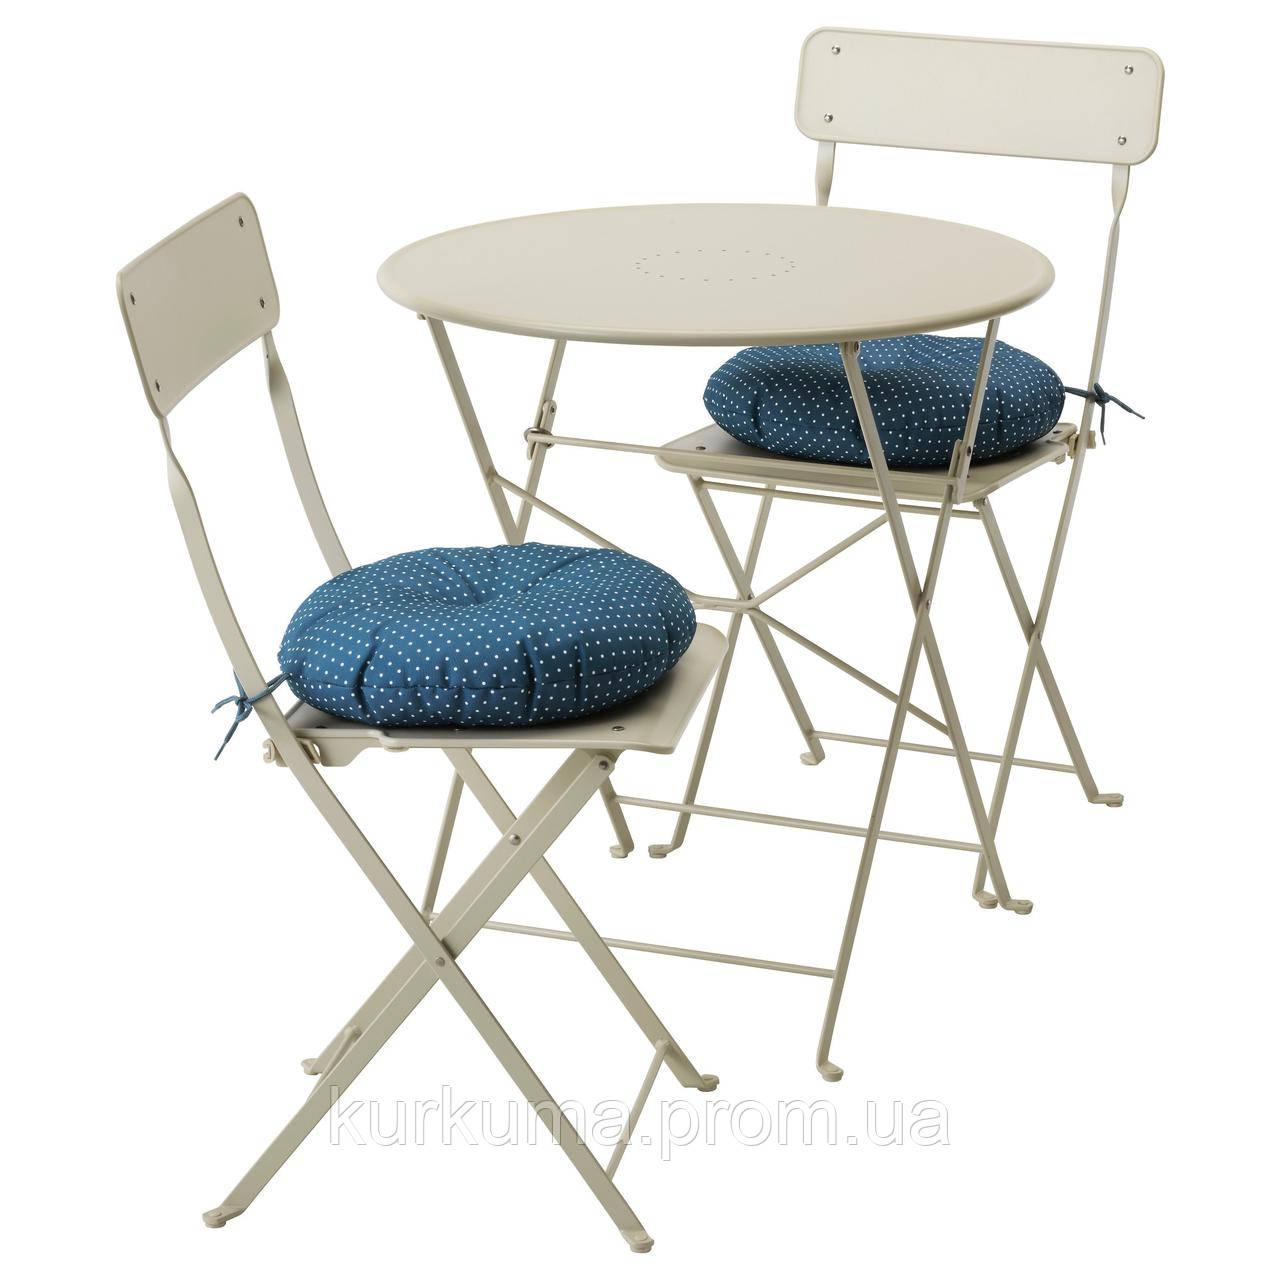 IKEA SALTHOLMEN Садовый стол и 2 раскладных стулья, бежевый, Иттерон синий  (091.838.25)